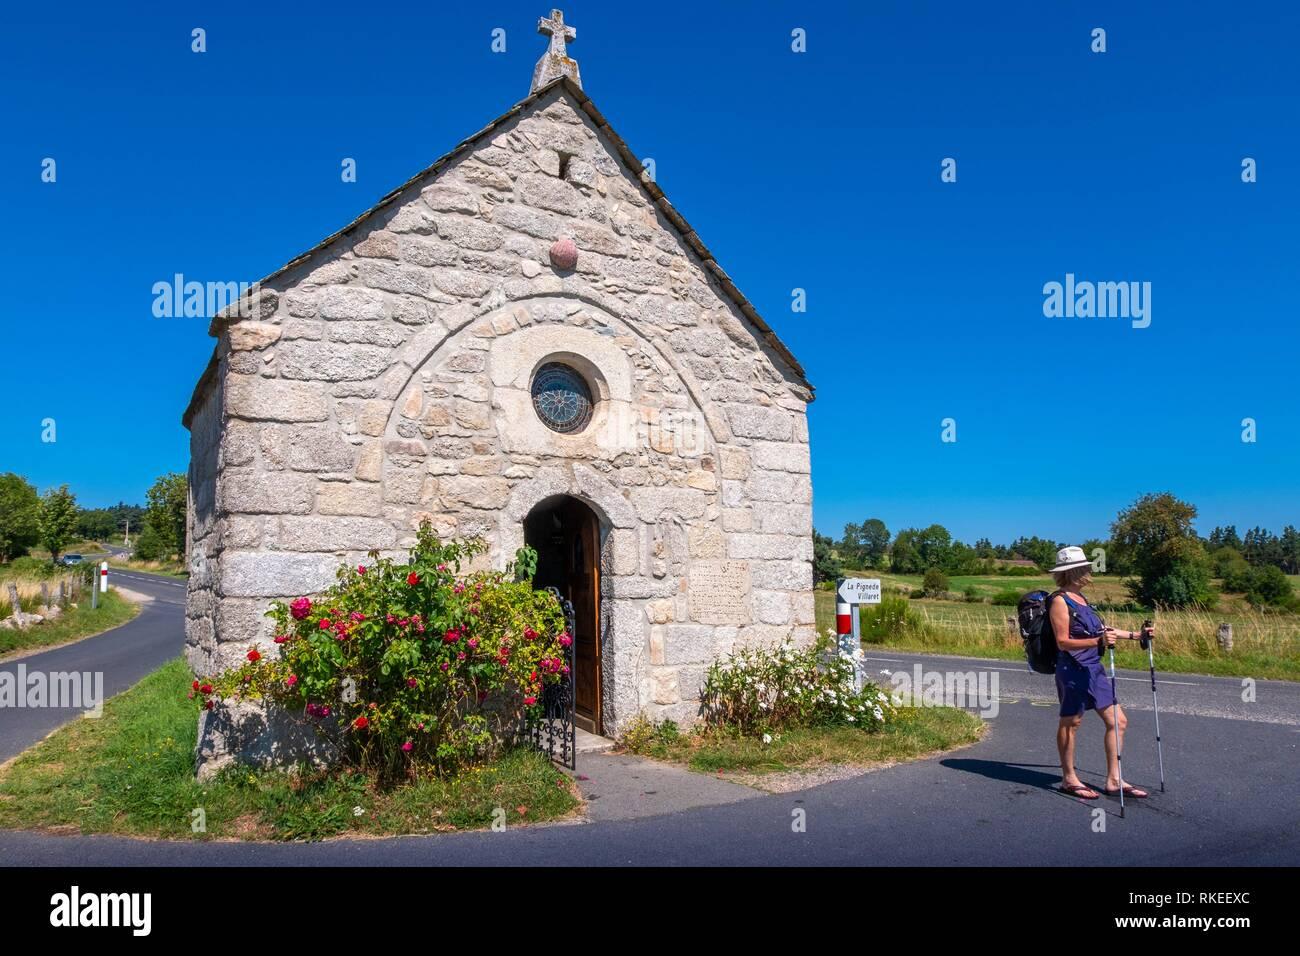 France, Occitanie, Lozére, Capel on the pilgrimage way to Santiago de Compostela, near La Chaze de Peyre. - Stock Image